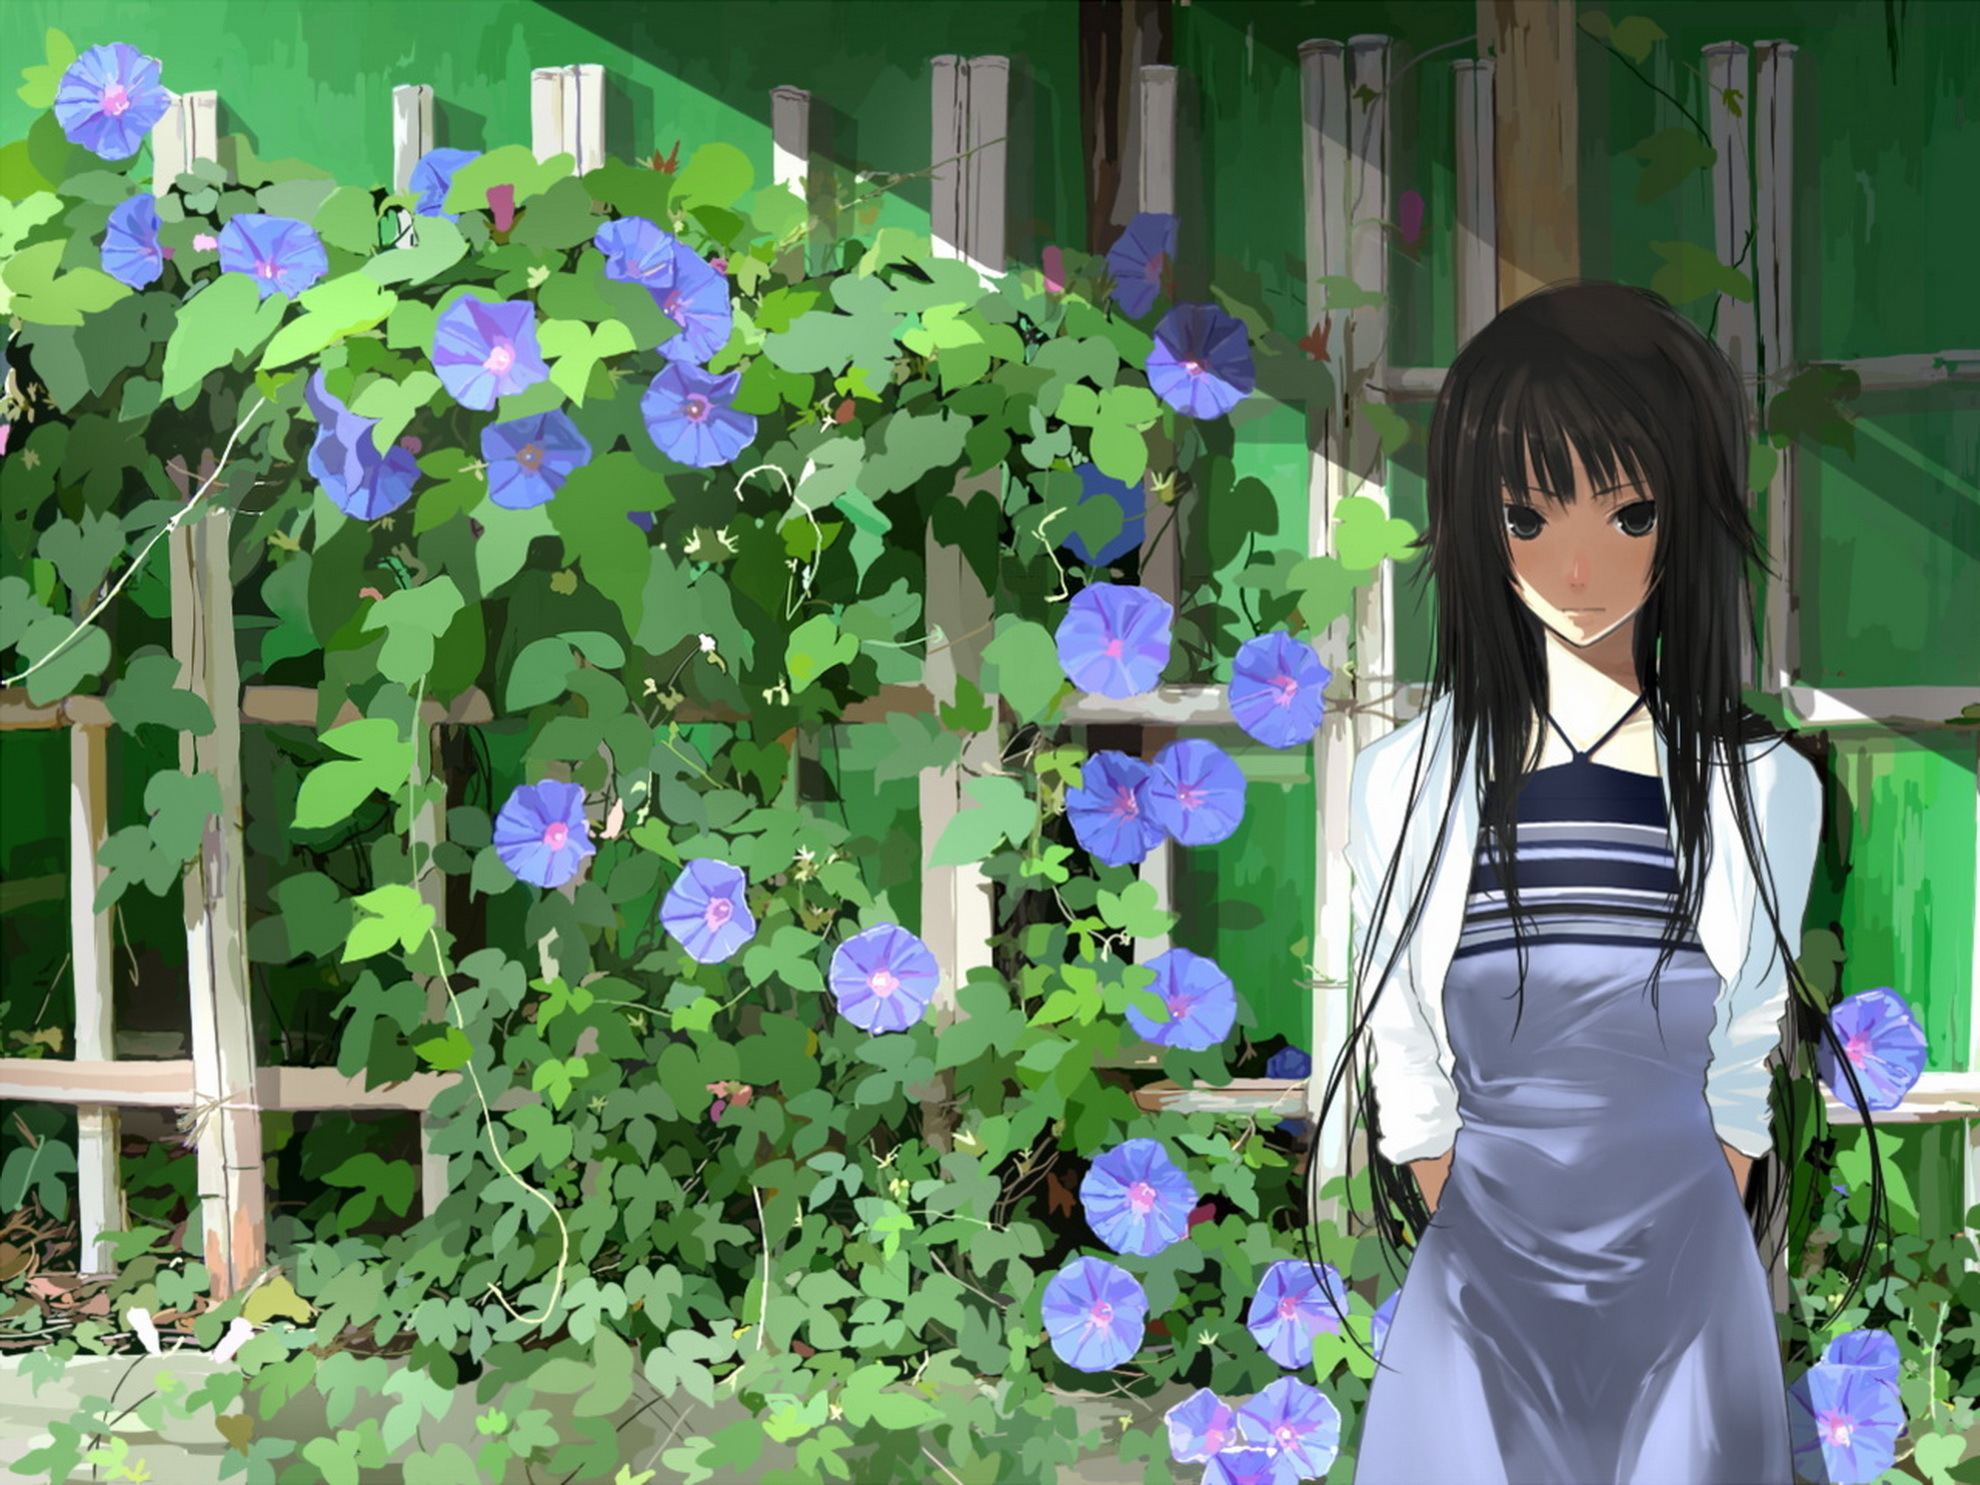 Обои bakemonogatari скачать на рабочий стол, заставки цветы